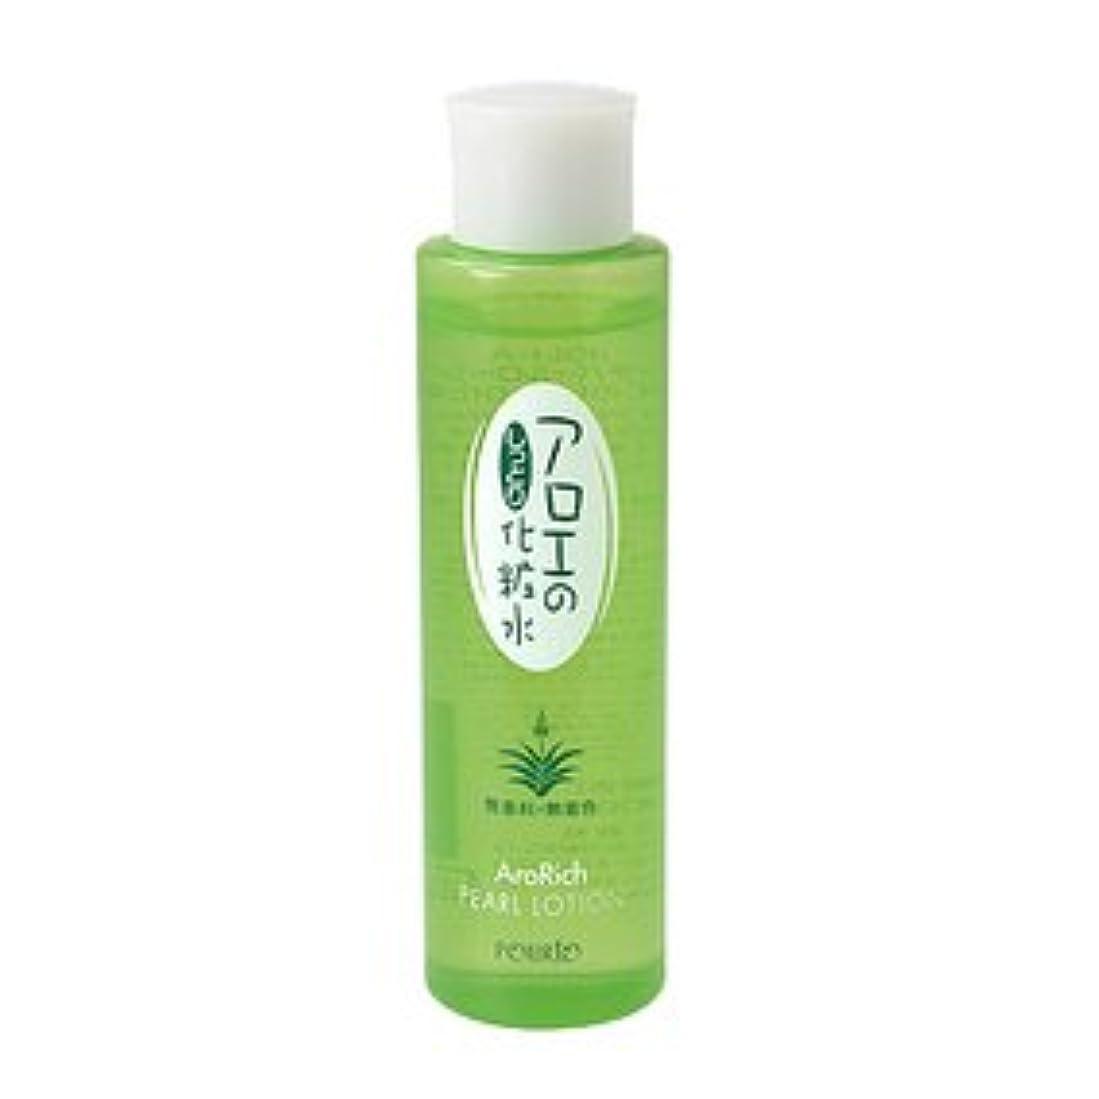 締め切りアレルギー性ディンカルビルポルトA しっとりタイプの化粧水 アローリッチパールローション600